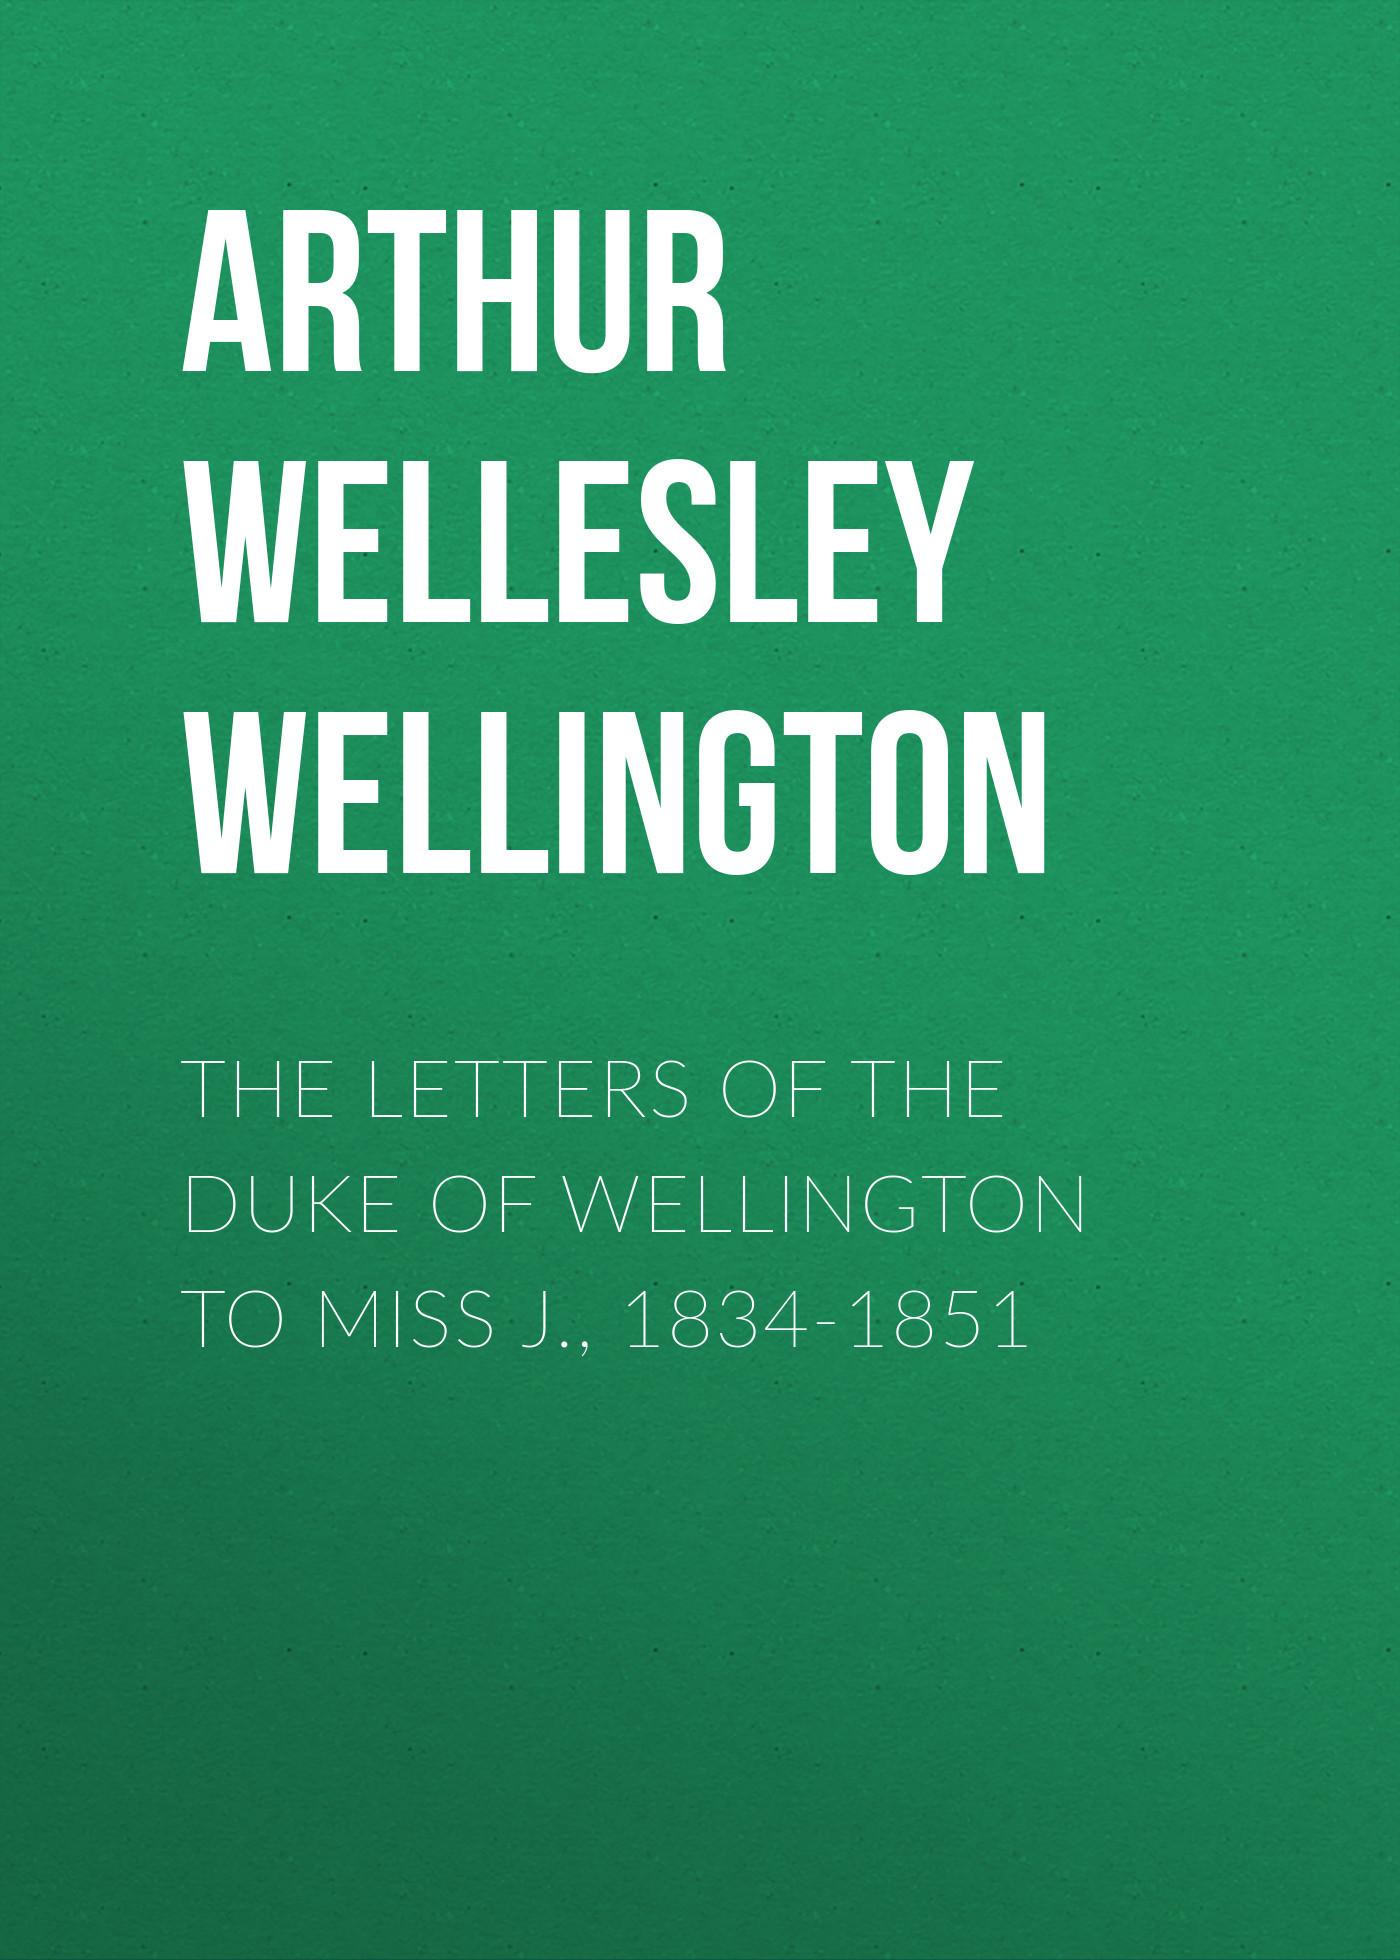 Arthur Wellesley Wellington The Letters of the Duke of Wellington to Miss J., 1834-1851 the duke